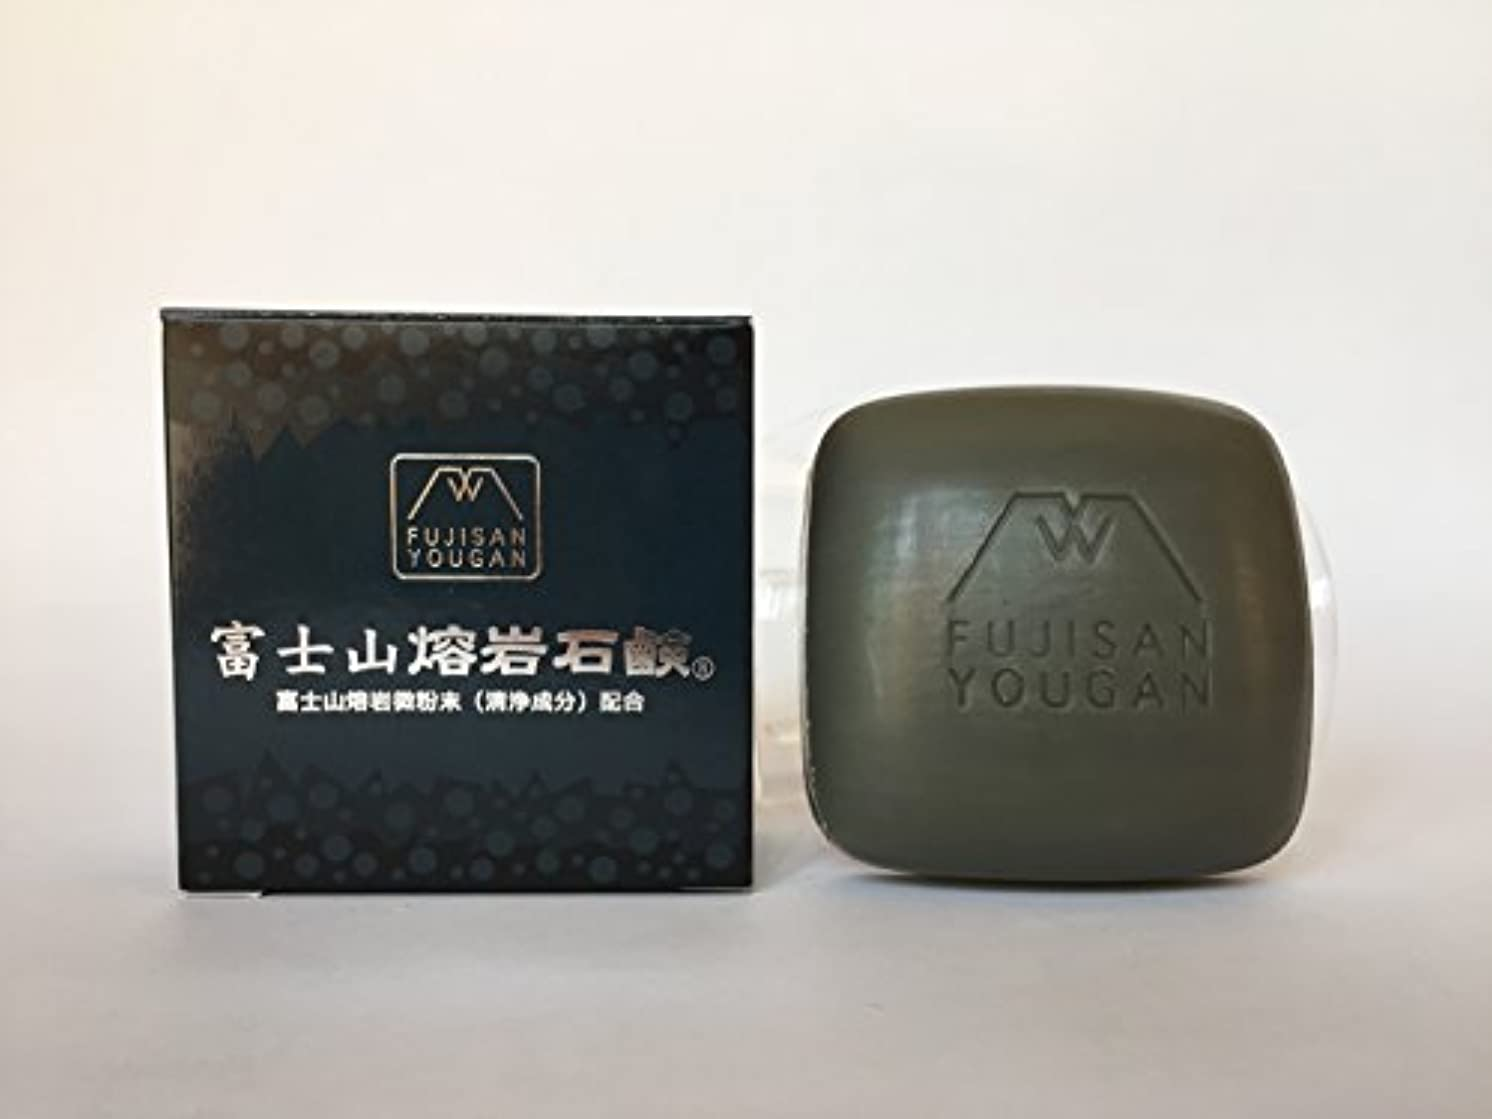 資金寛大さ採用する富士山溶岩石鹸 100g/個×2個セット